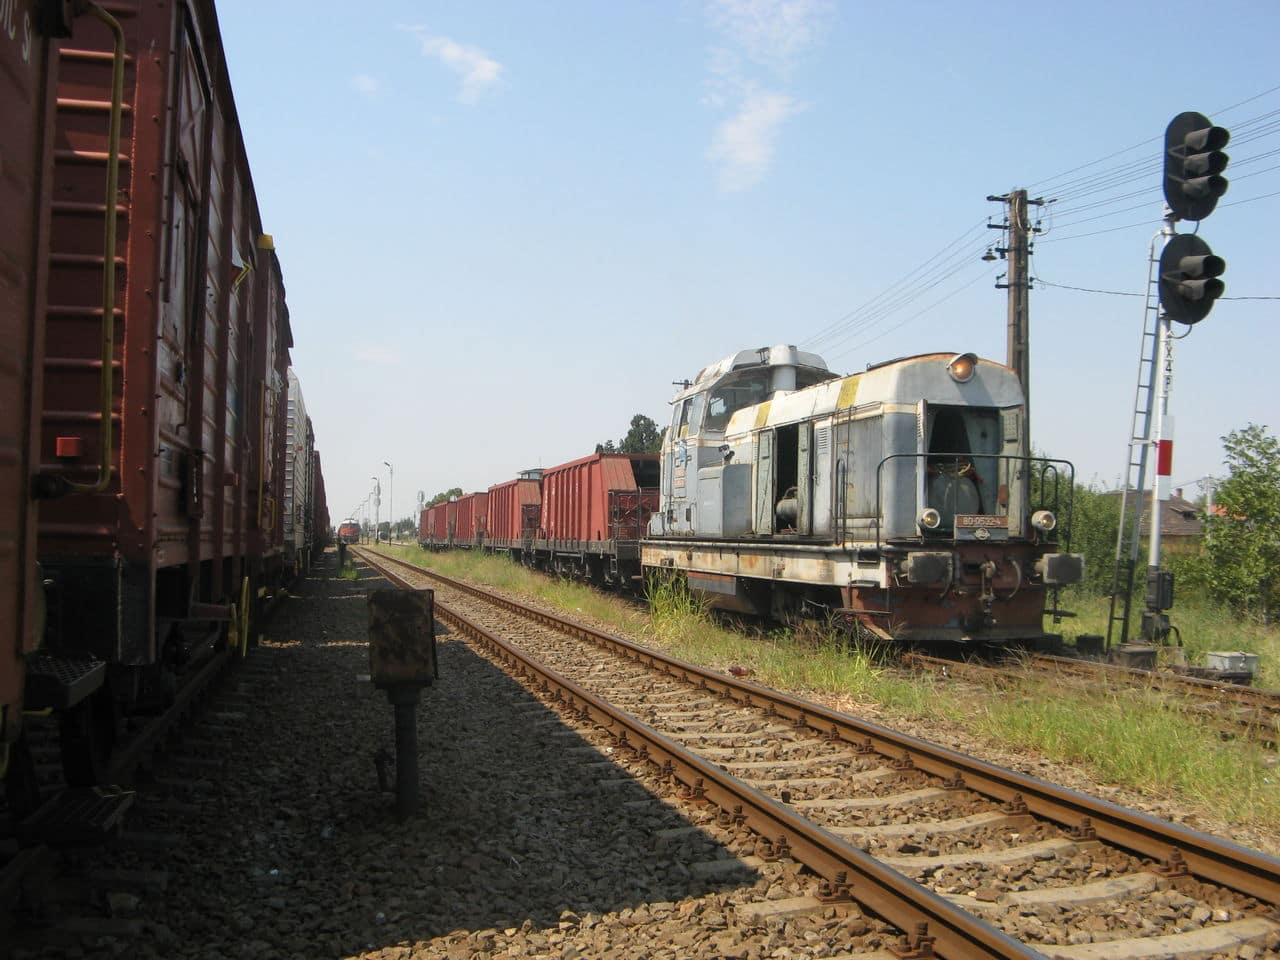 Calea ferată directă Oradea Vest - Episcopia Bihor IMG_0076